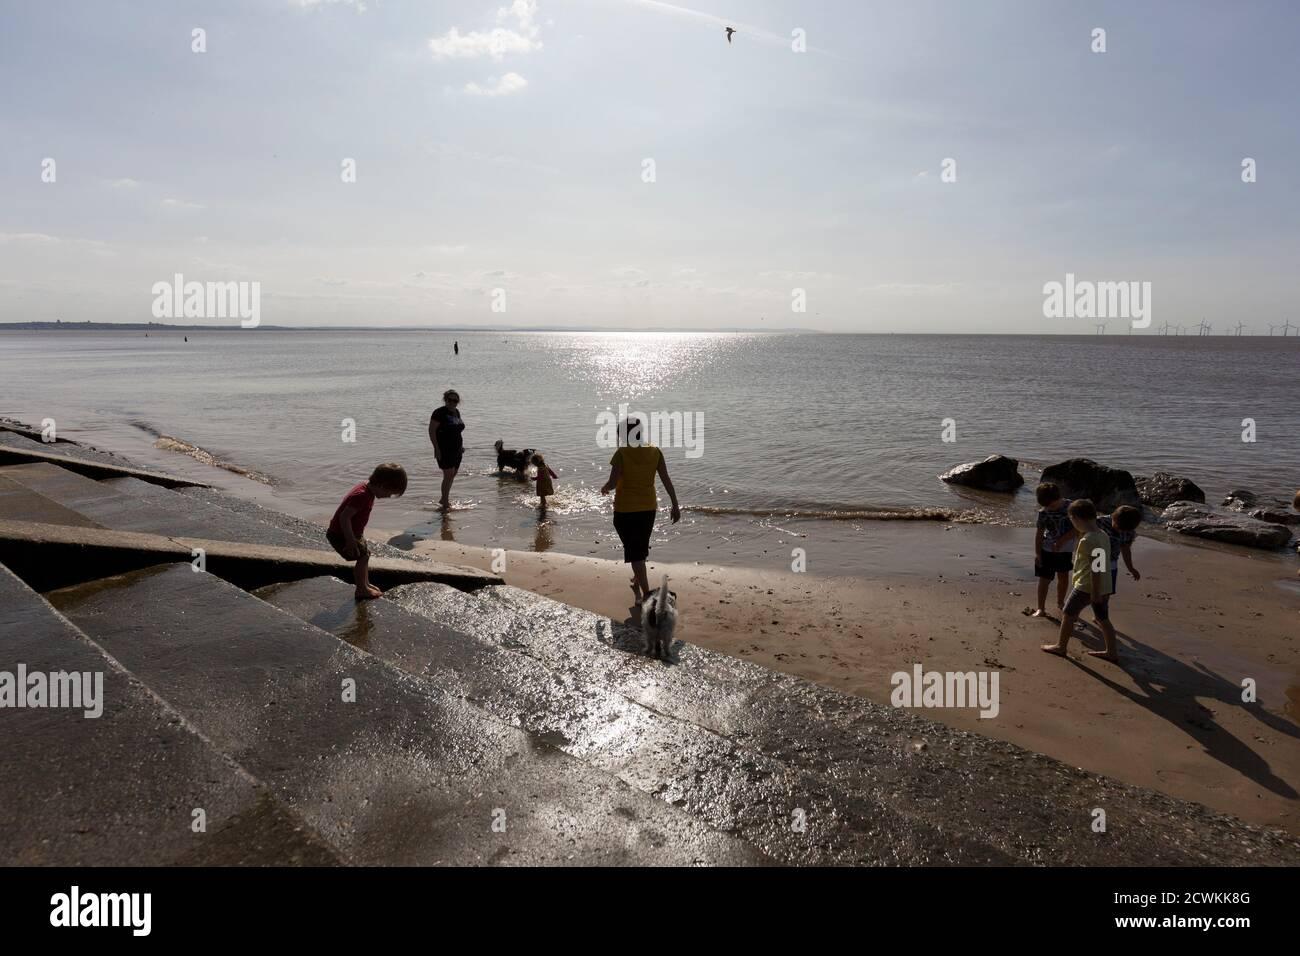 Crosby Beach, parte de la costa de Merseyside al norte de Liverpool en el distrito metropolitano de Sefton, Inglaterra. Foto de stock